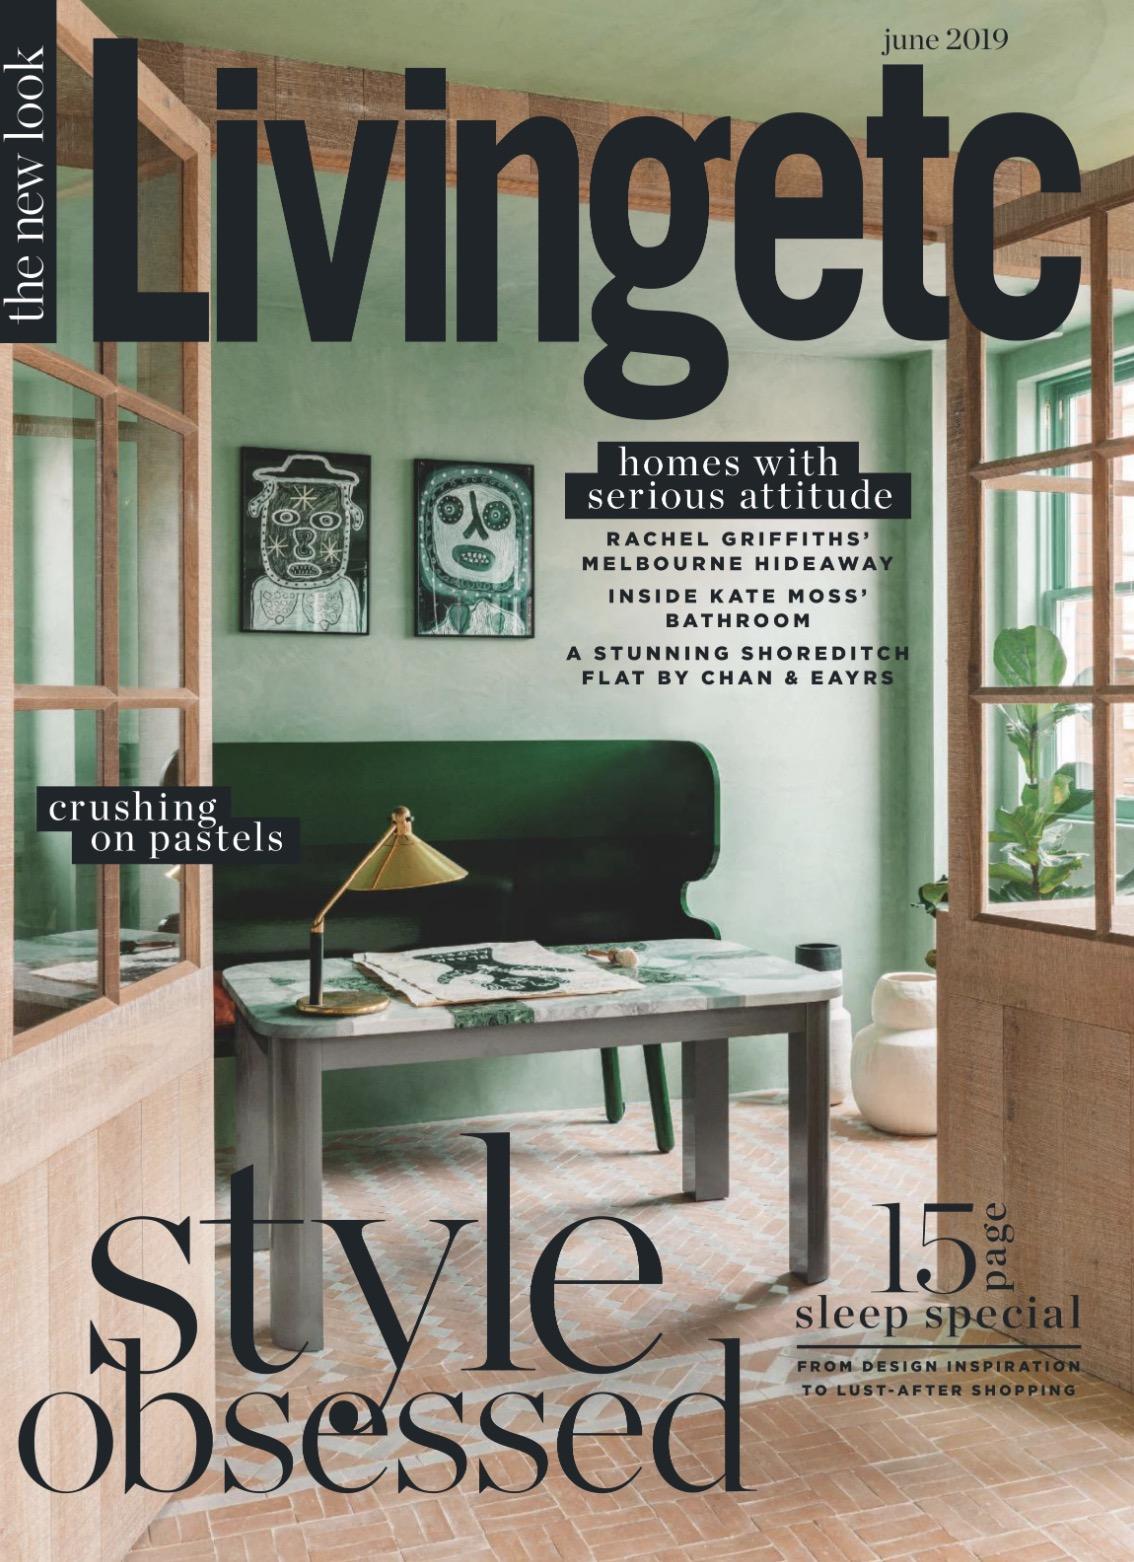 Livingetc June 2019 cover.jpg